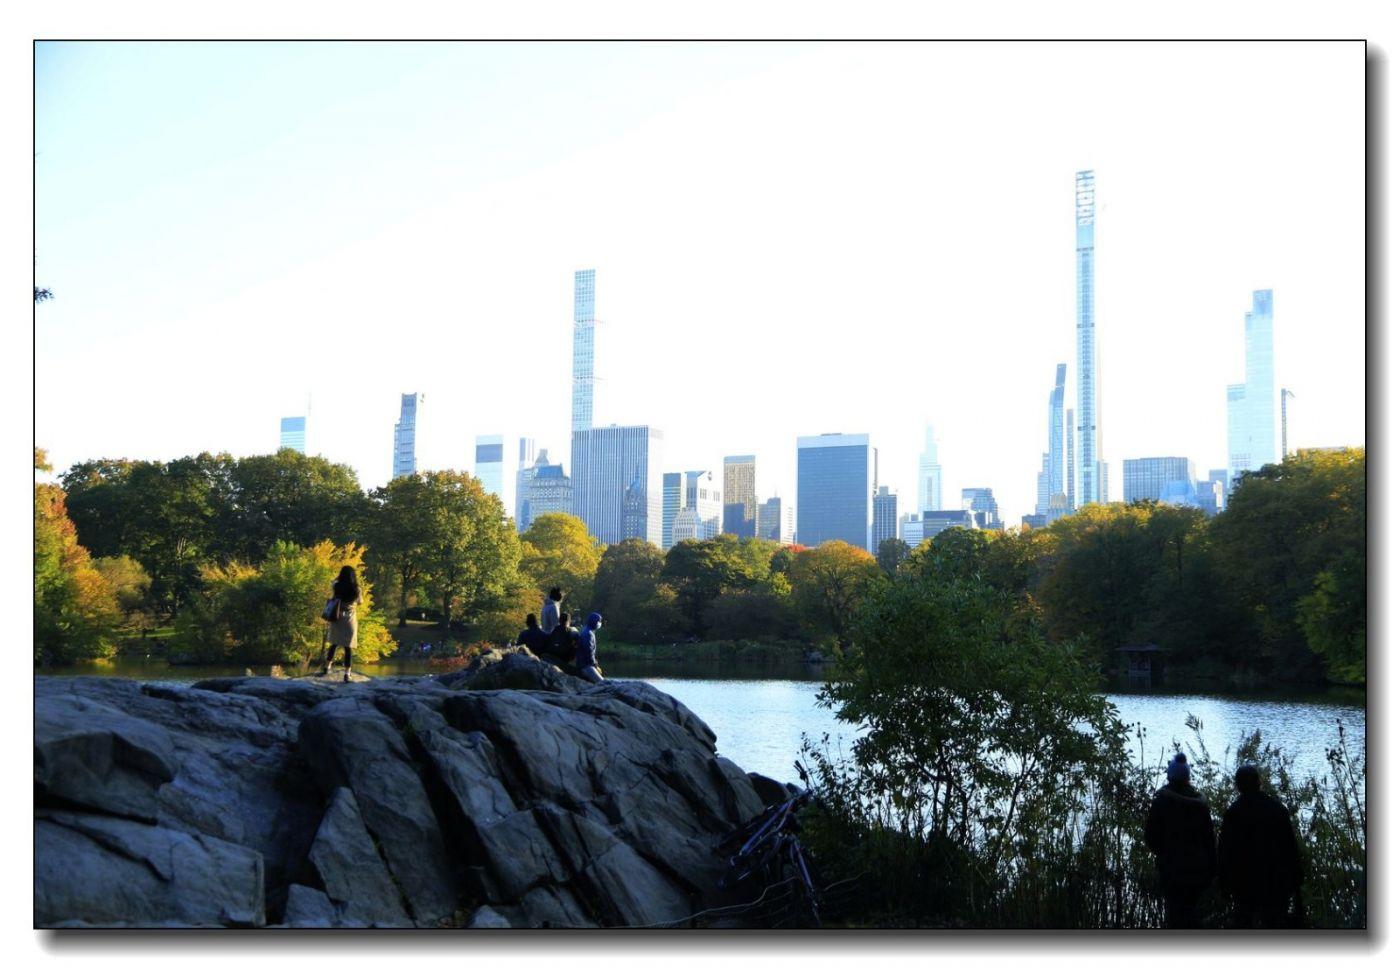 深秋色彩-中央公园2_图1-13